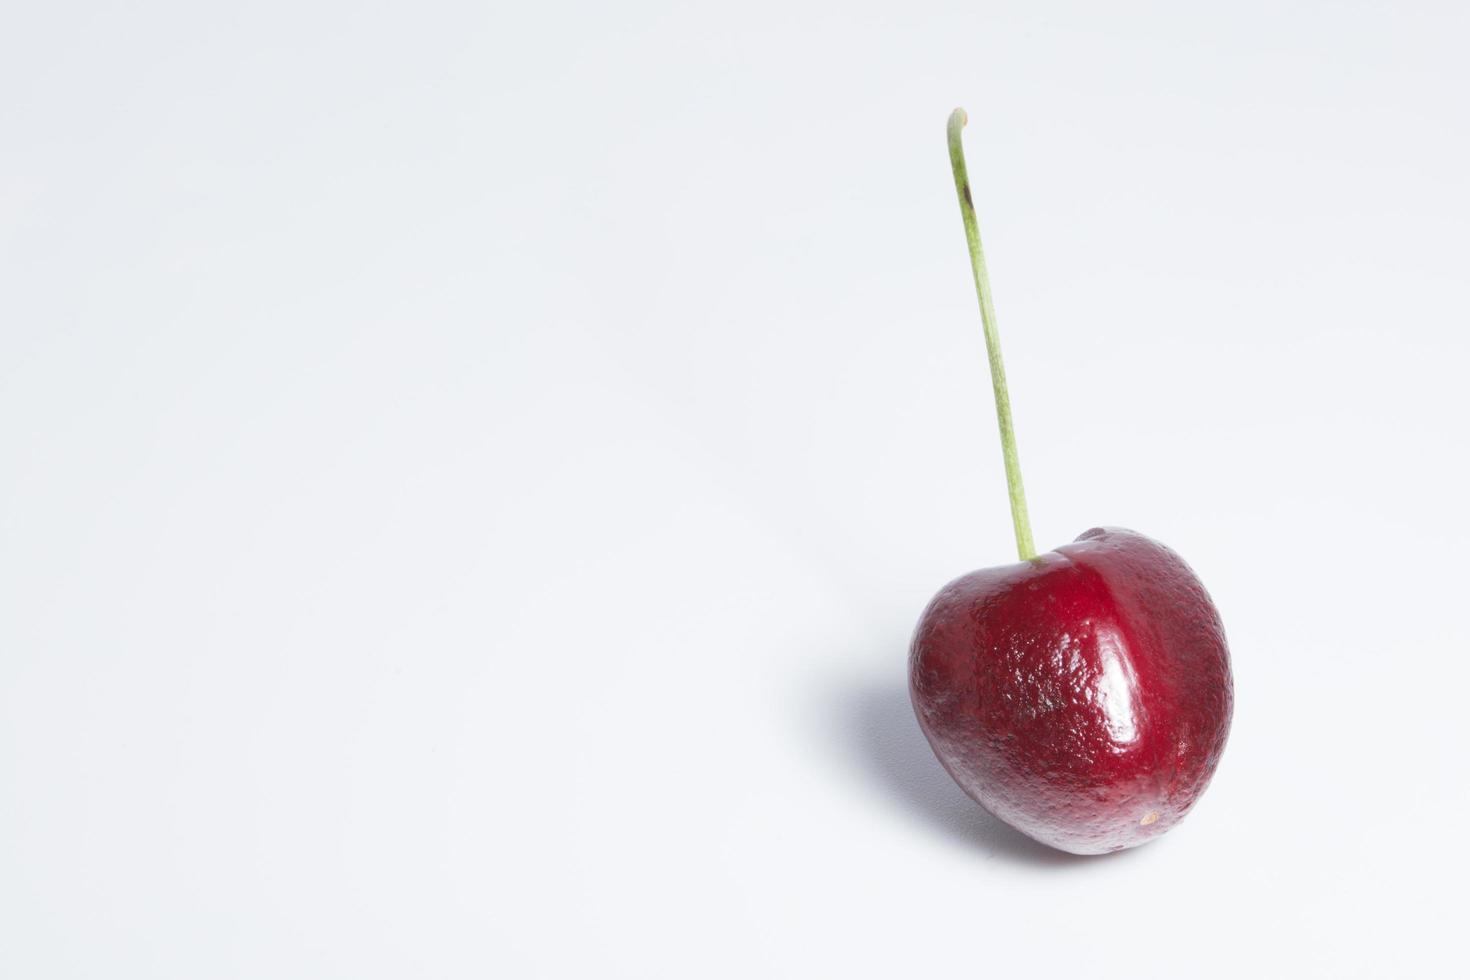 Kirsche auf weißem Hintergrund foto